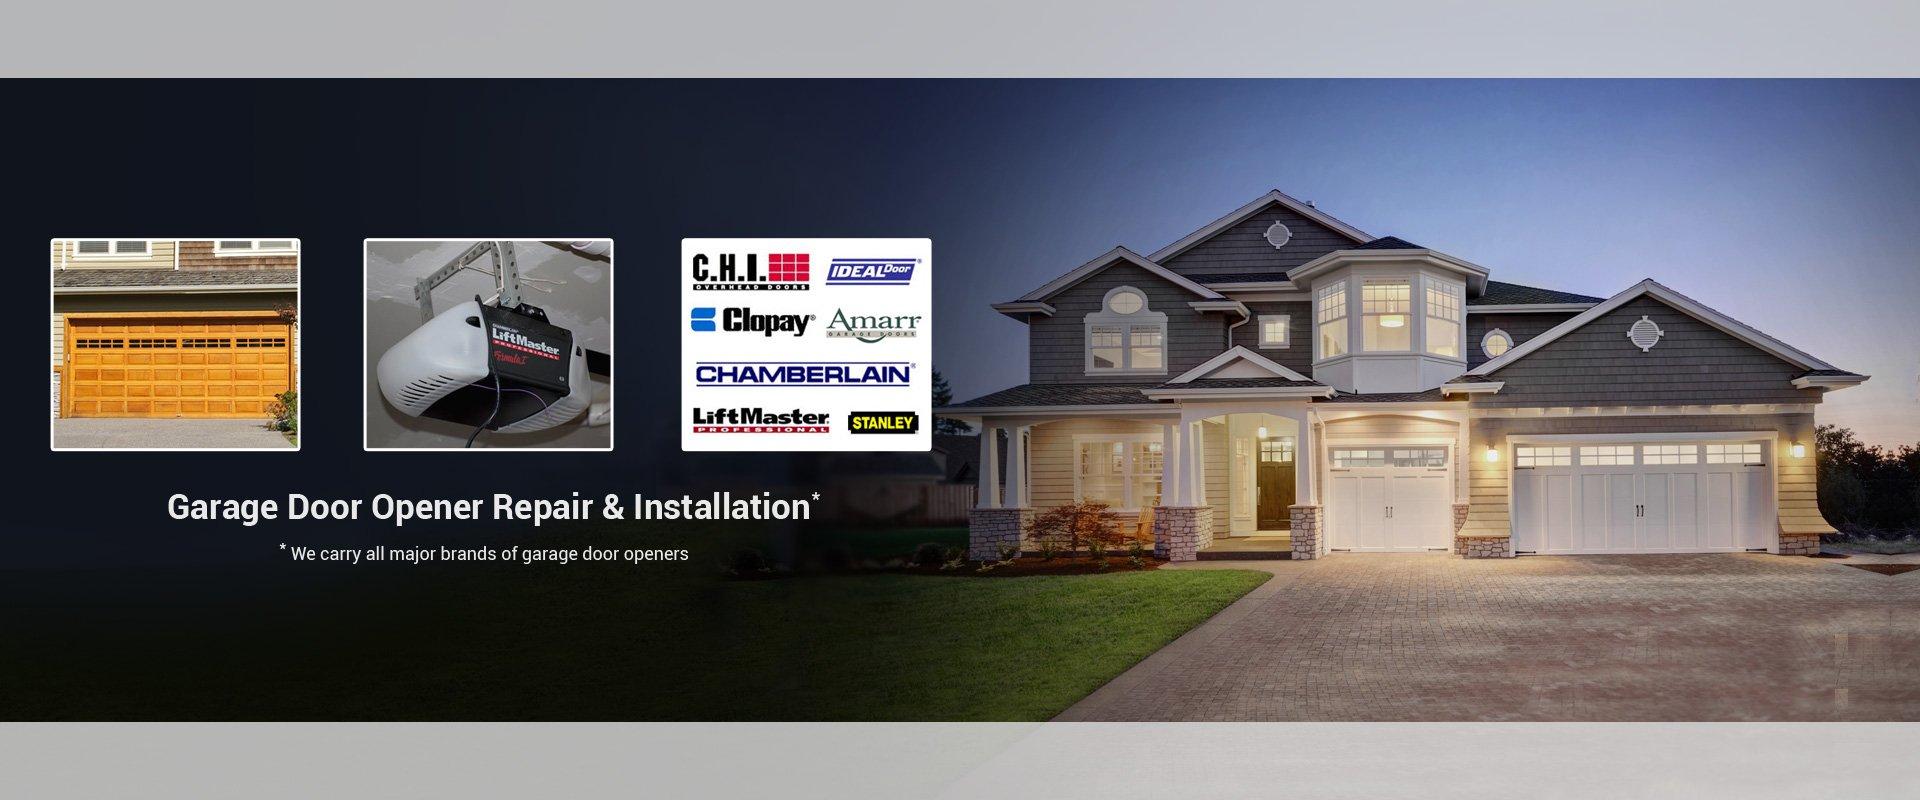 Garage Door Opener Repair And Installation Services Oxnard CA